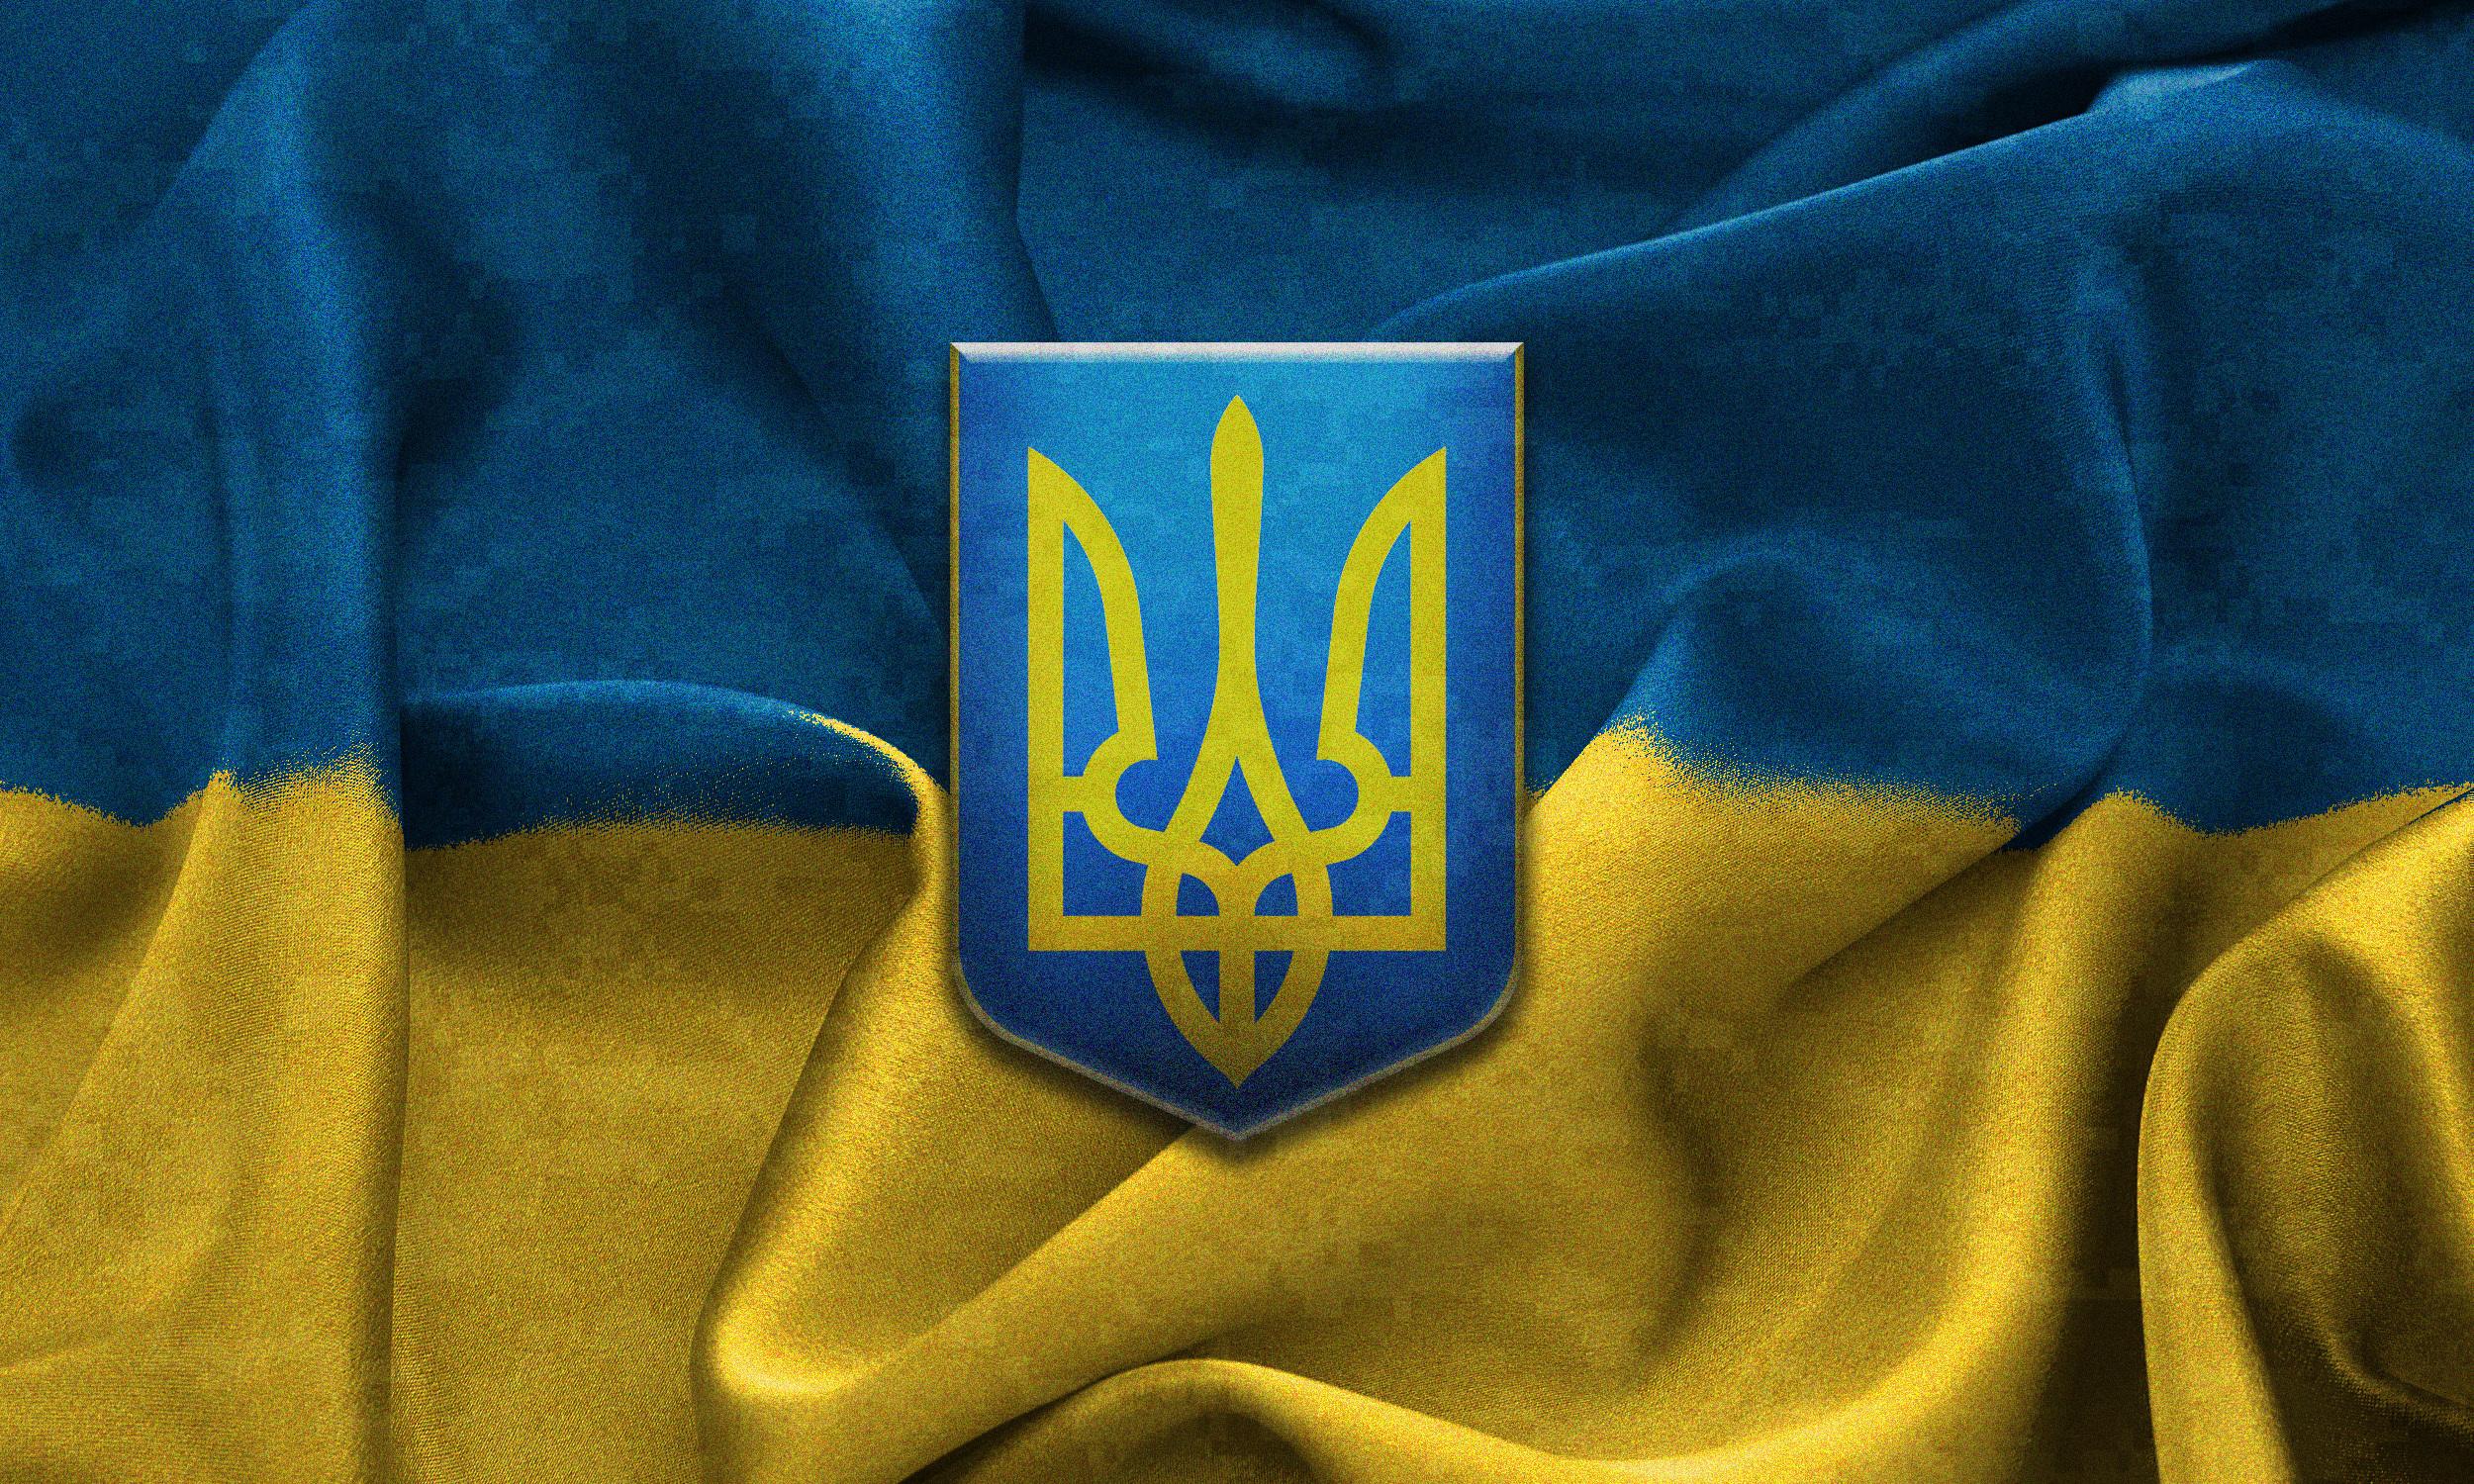 волги картинки герба и флага украины процессе